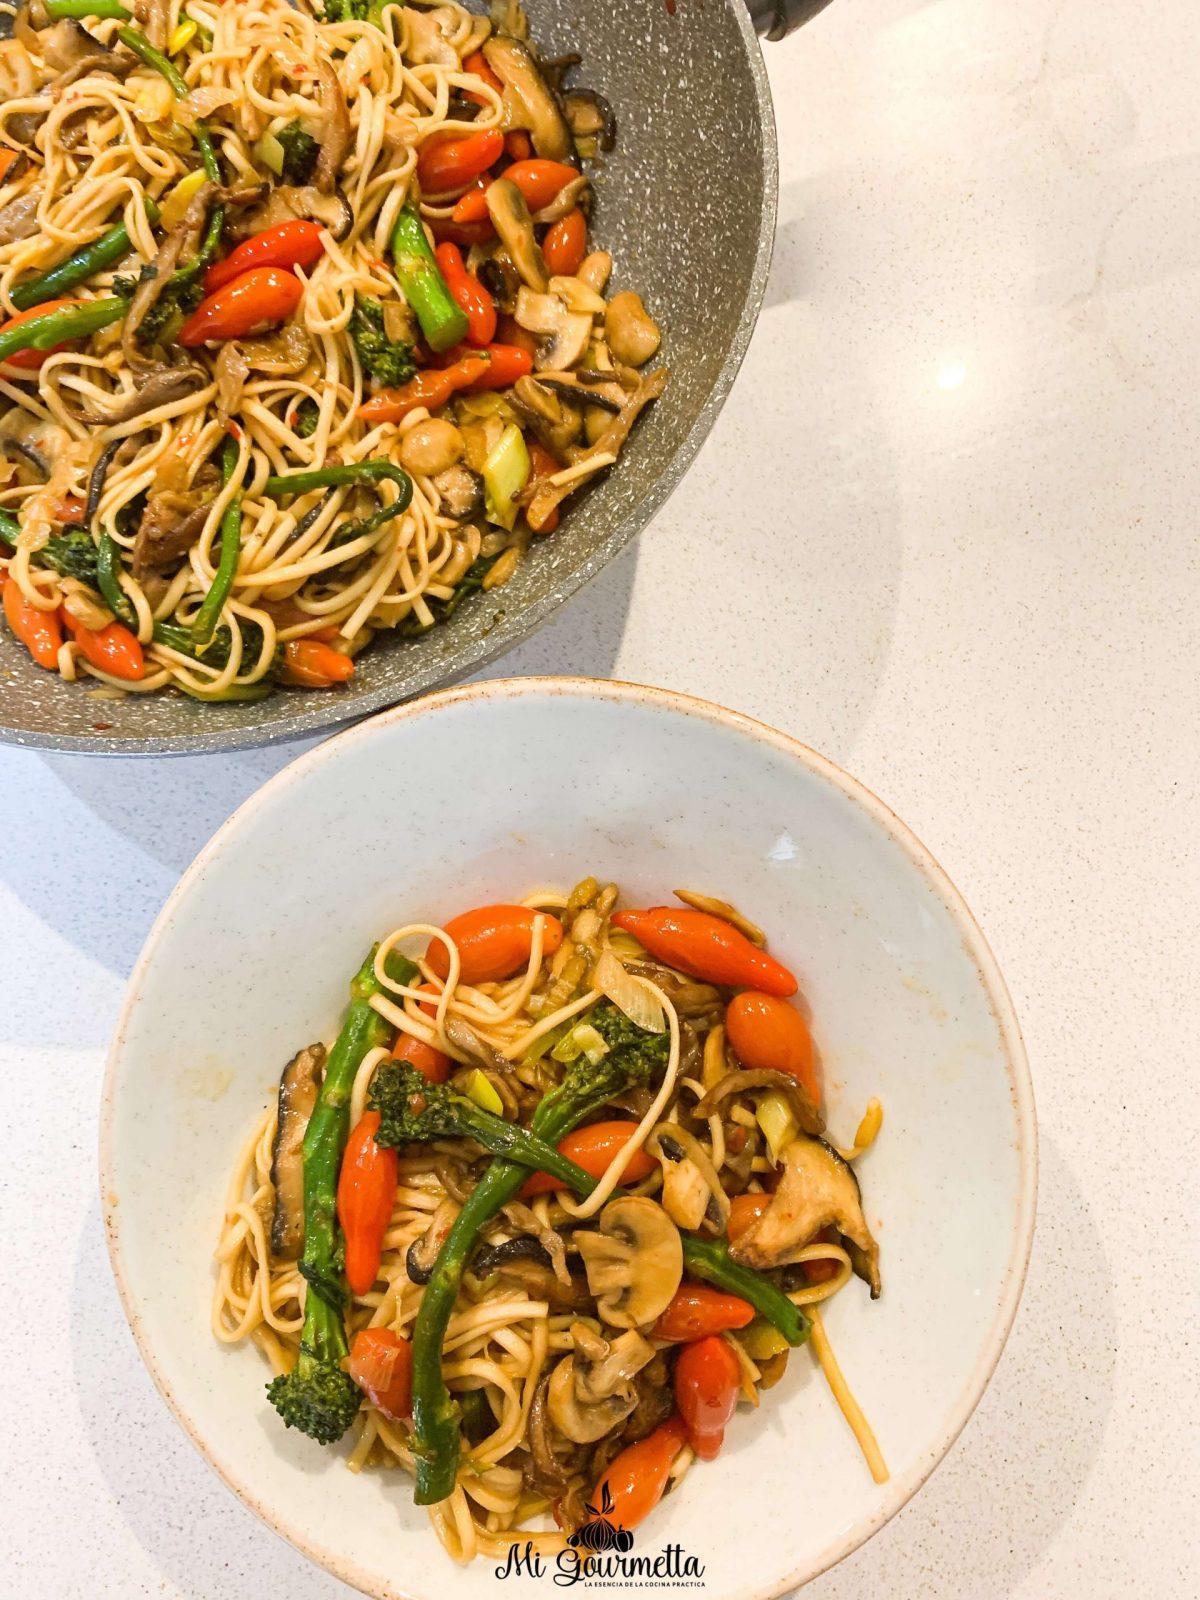 verduras-al-wok-migourmetta